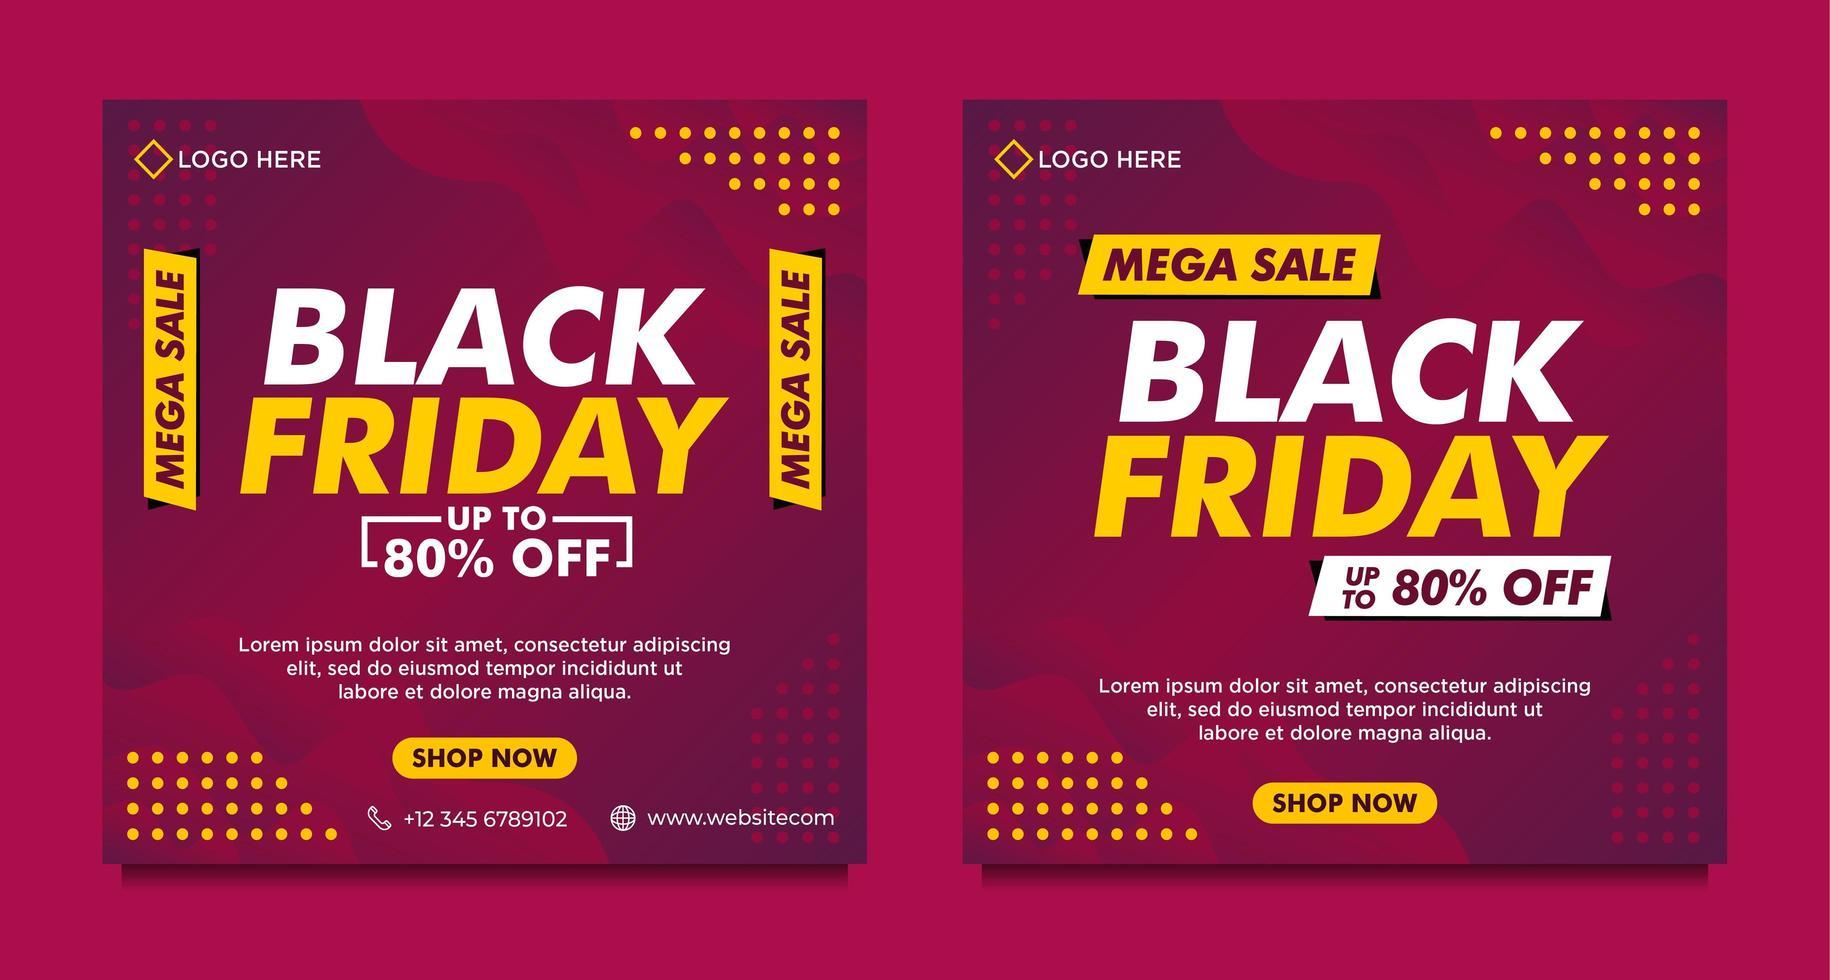 modelli di banner per social media in vendita venerdì nero sfumato viola vettore